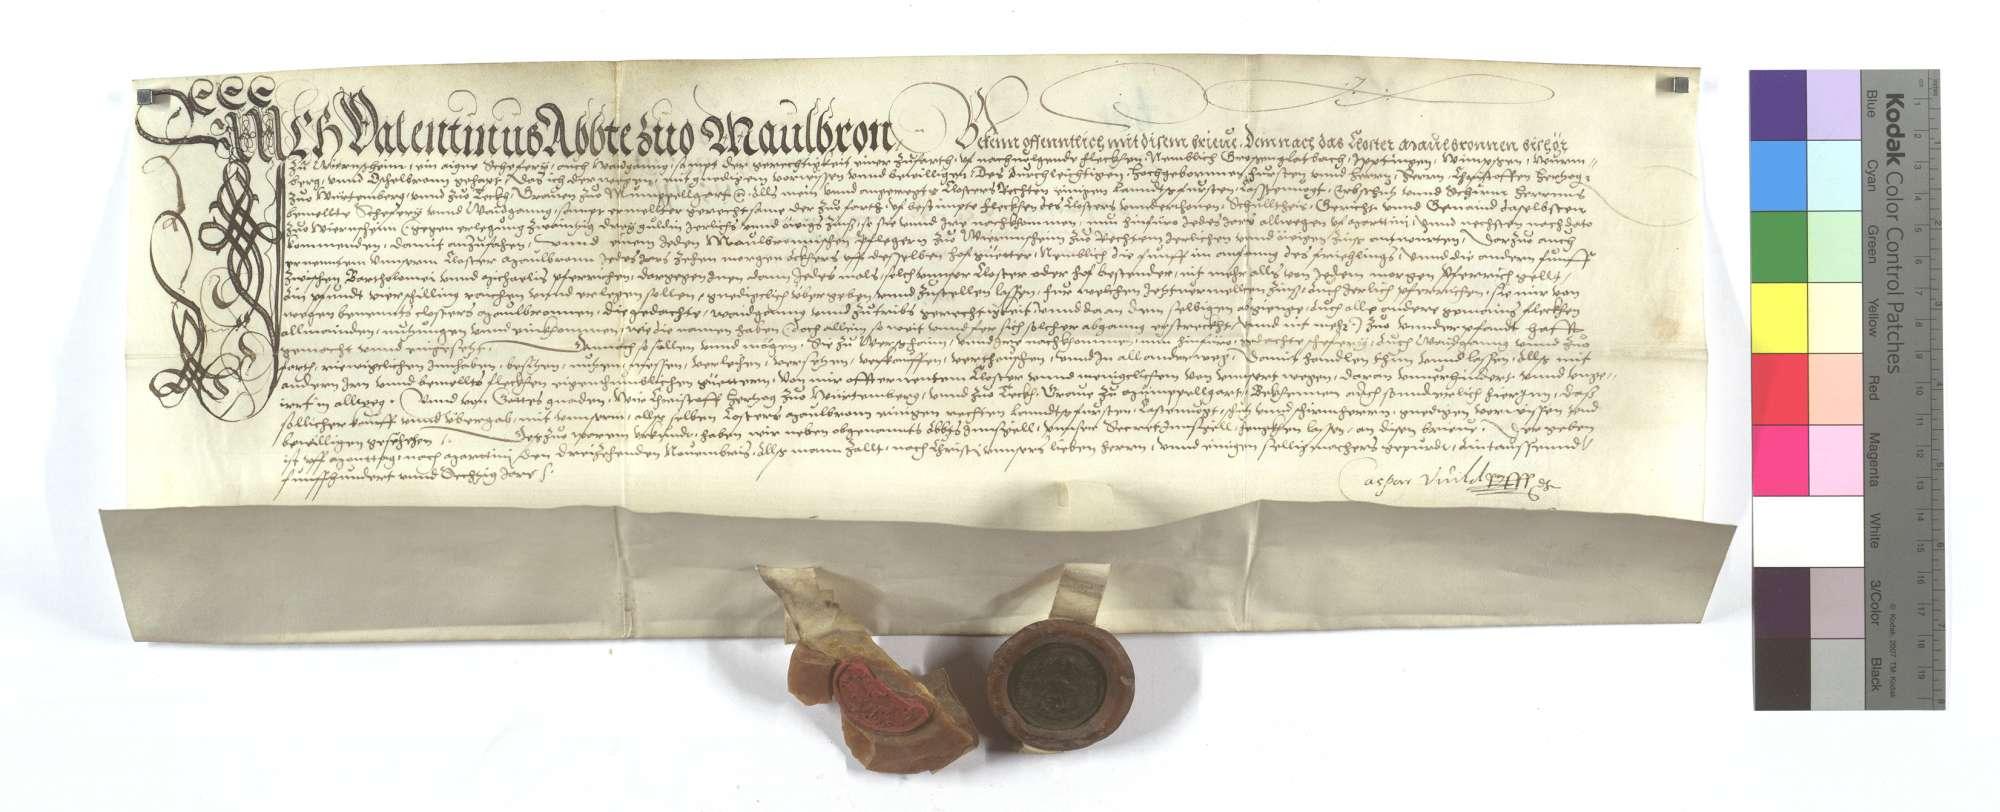 Lehensbrief des Abts von Maulbronn für die Kommune Wiernsheim um die Schäferei dort, samt der Gerechtigkeit einer Zufahrt nach Großglattbach (Großglappach), Iptingen, Wimsheim (Wimbsheim), Wurmberg und Öschelbronn (Eschelbronn)., Text